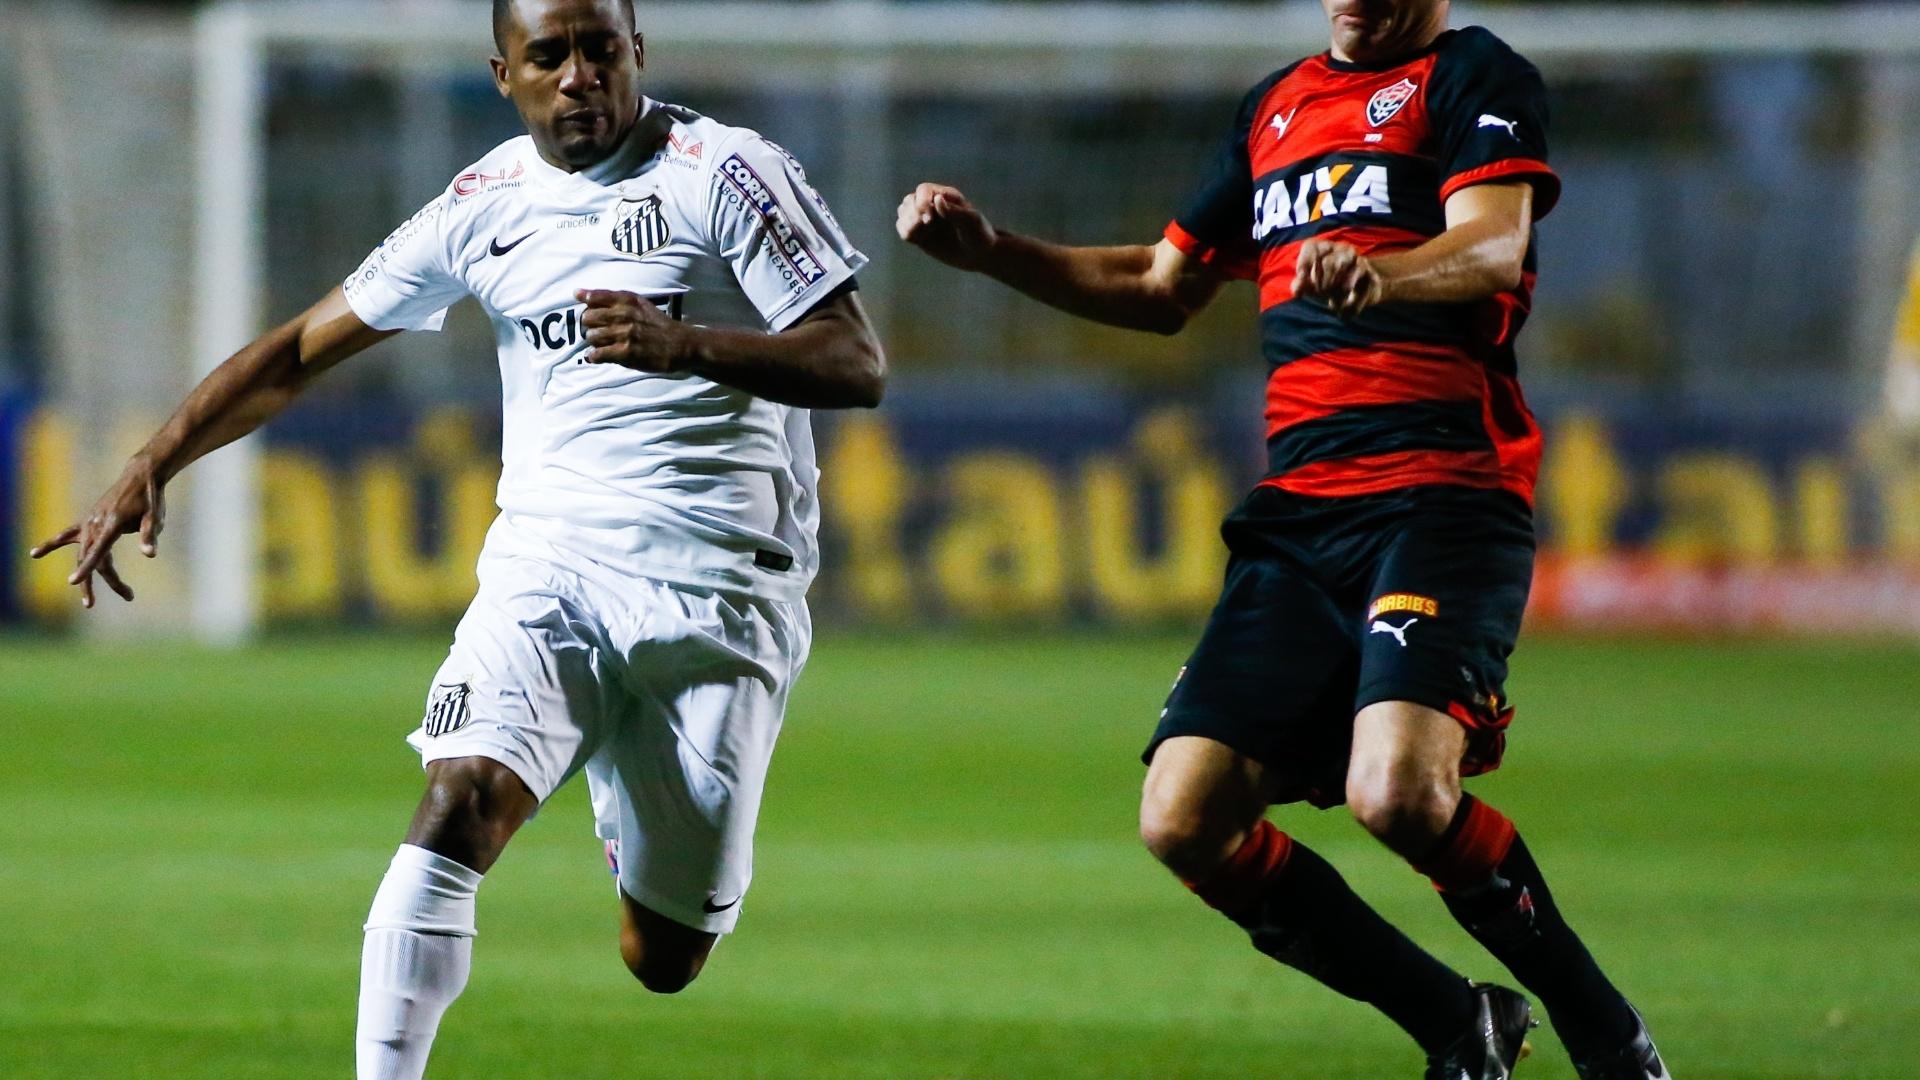 Cicinho tenta roubar a bola de Juan na partida entre Santos e Vitória pelo Brasileirão